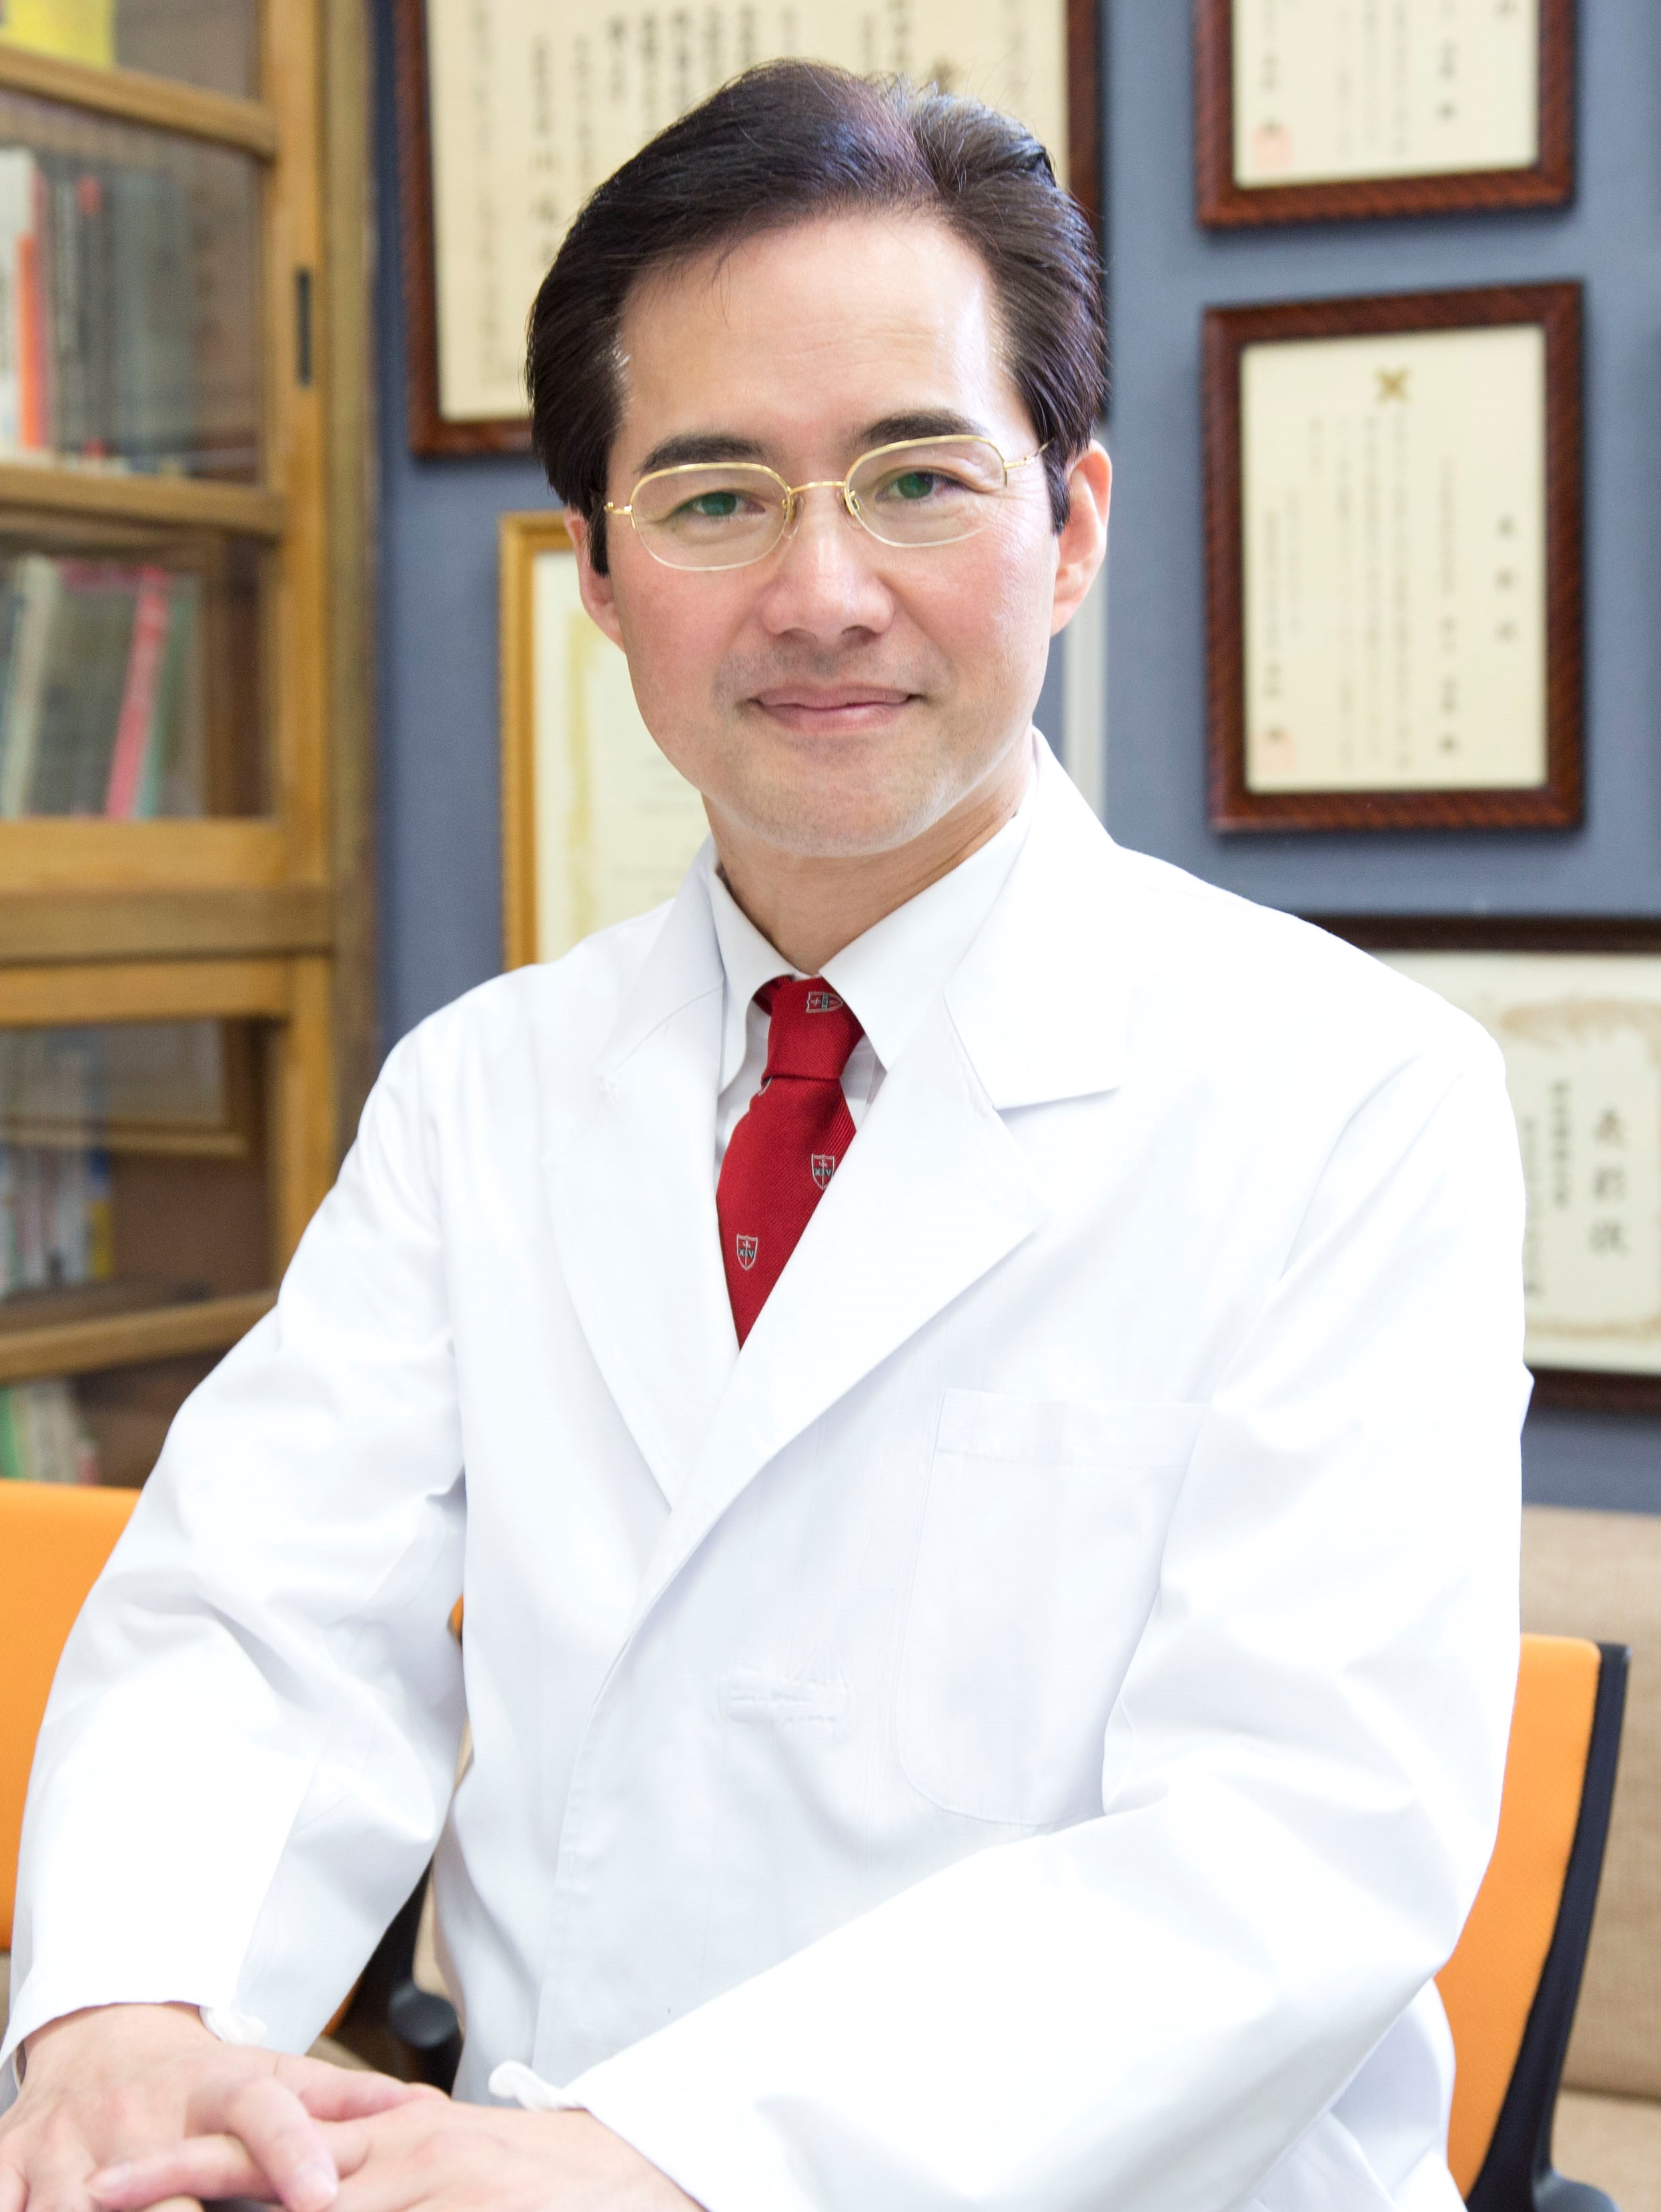 慶應義塾大学医学部教授の井上浩義先生 : 3大ナッツの ...